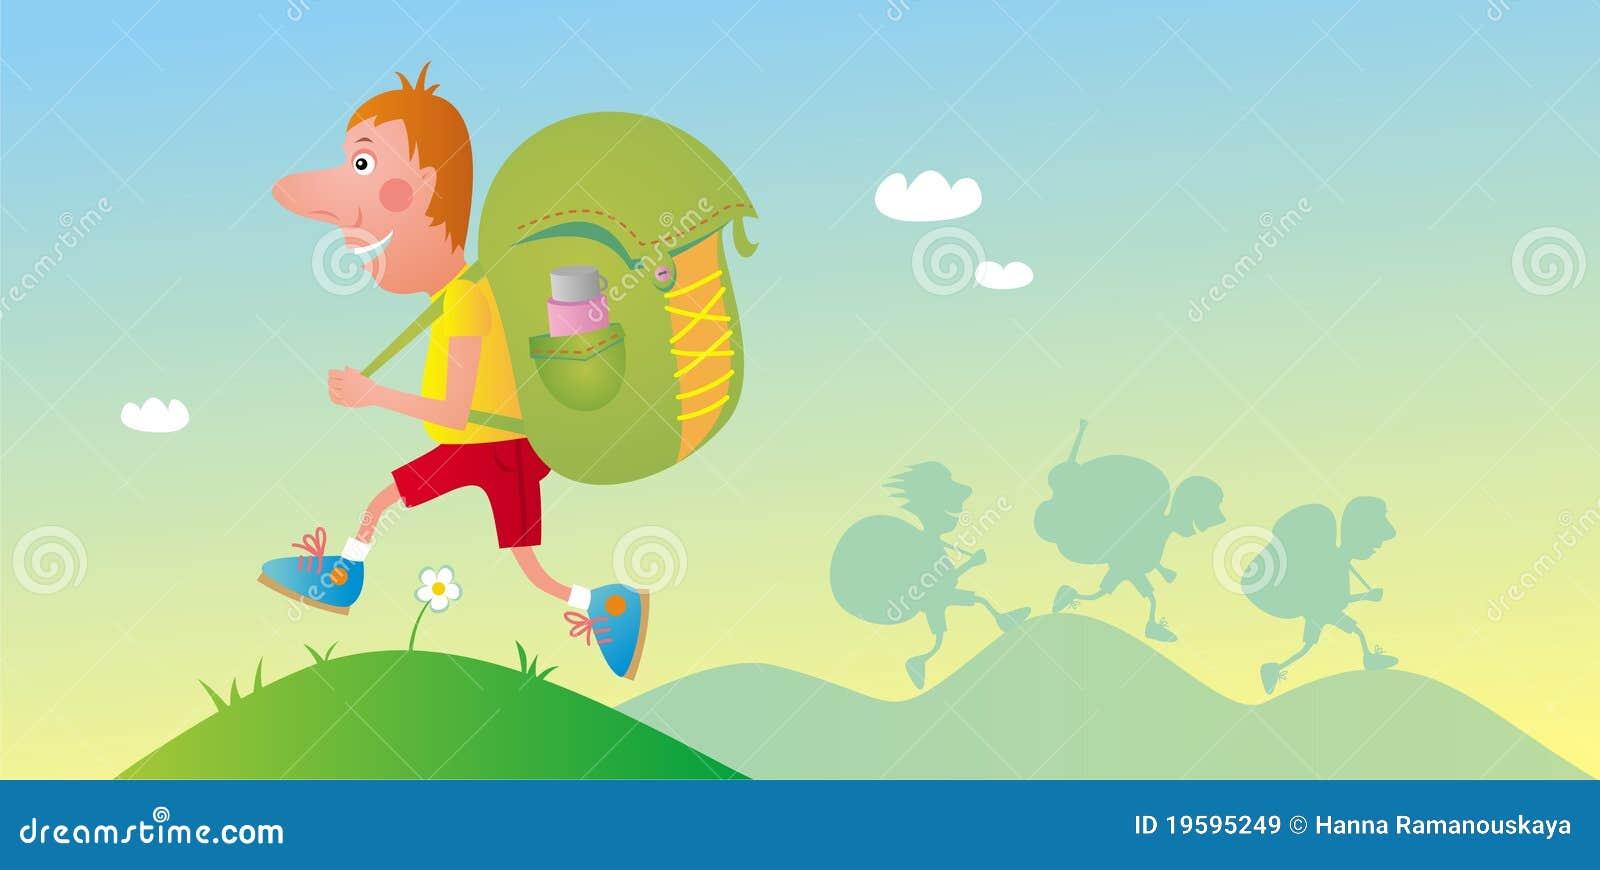 Viajante com knapsack